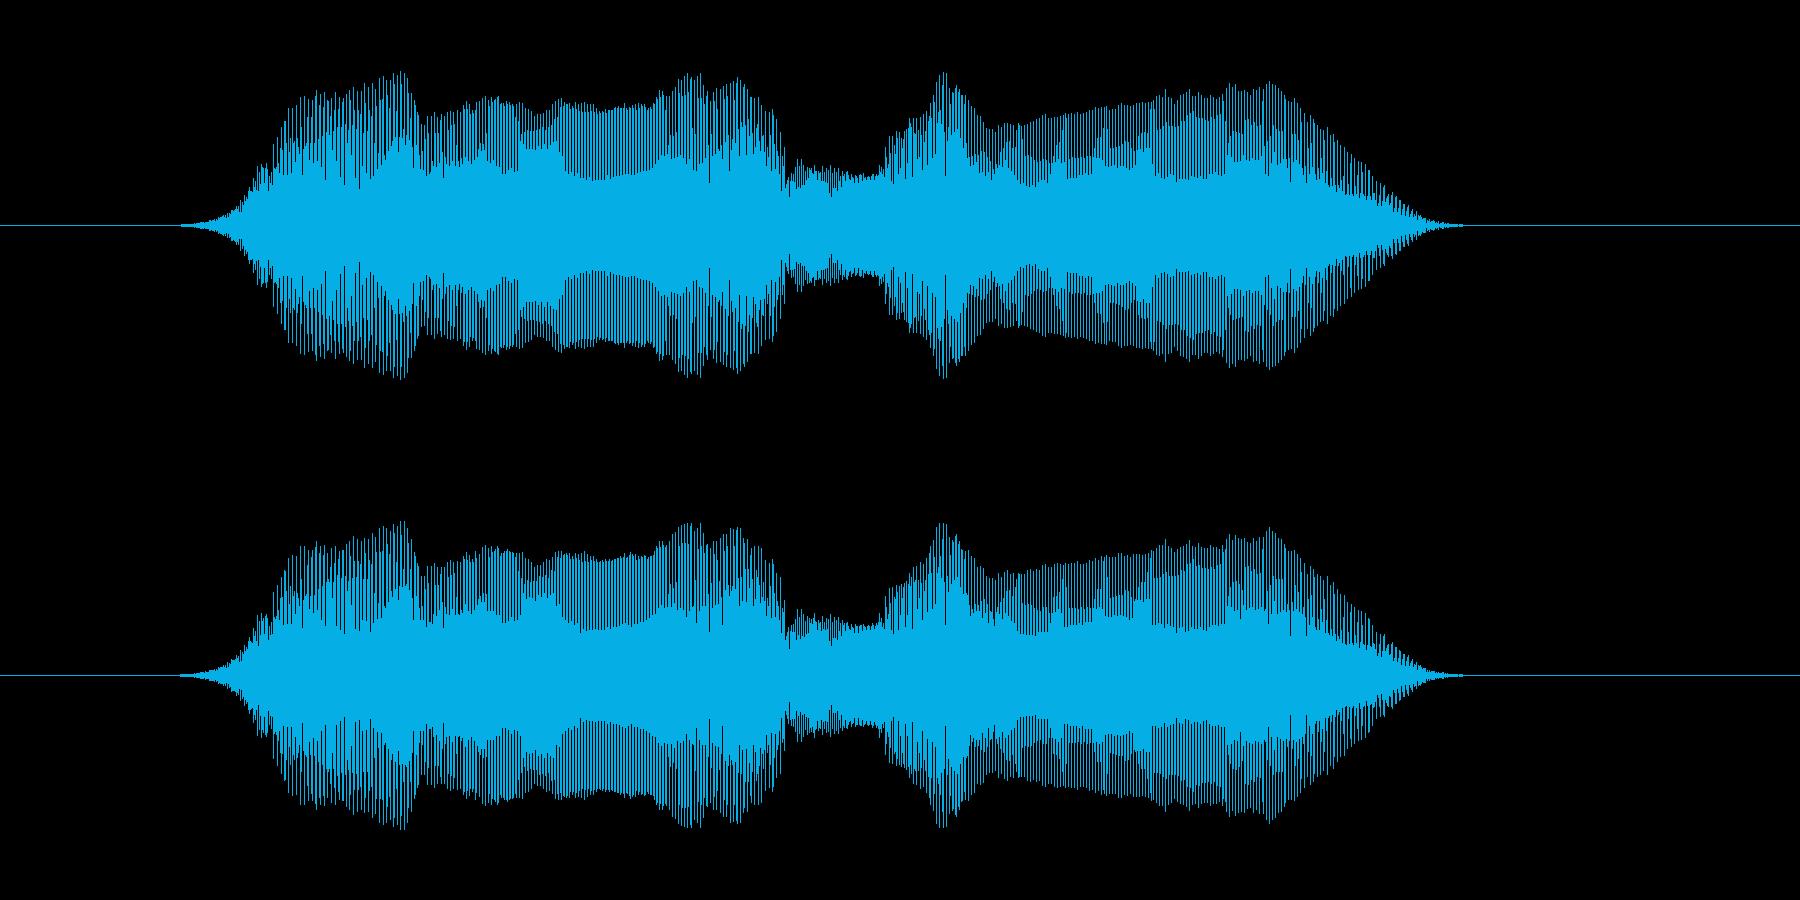 ノー・ノー!の再生済みの波形